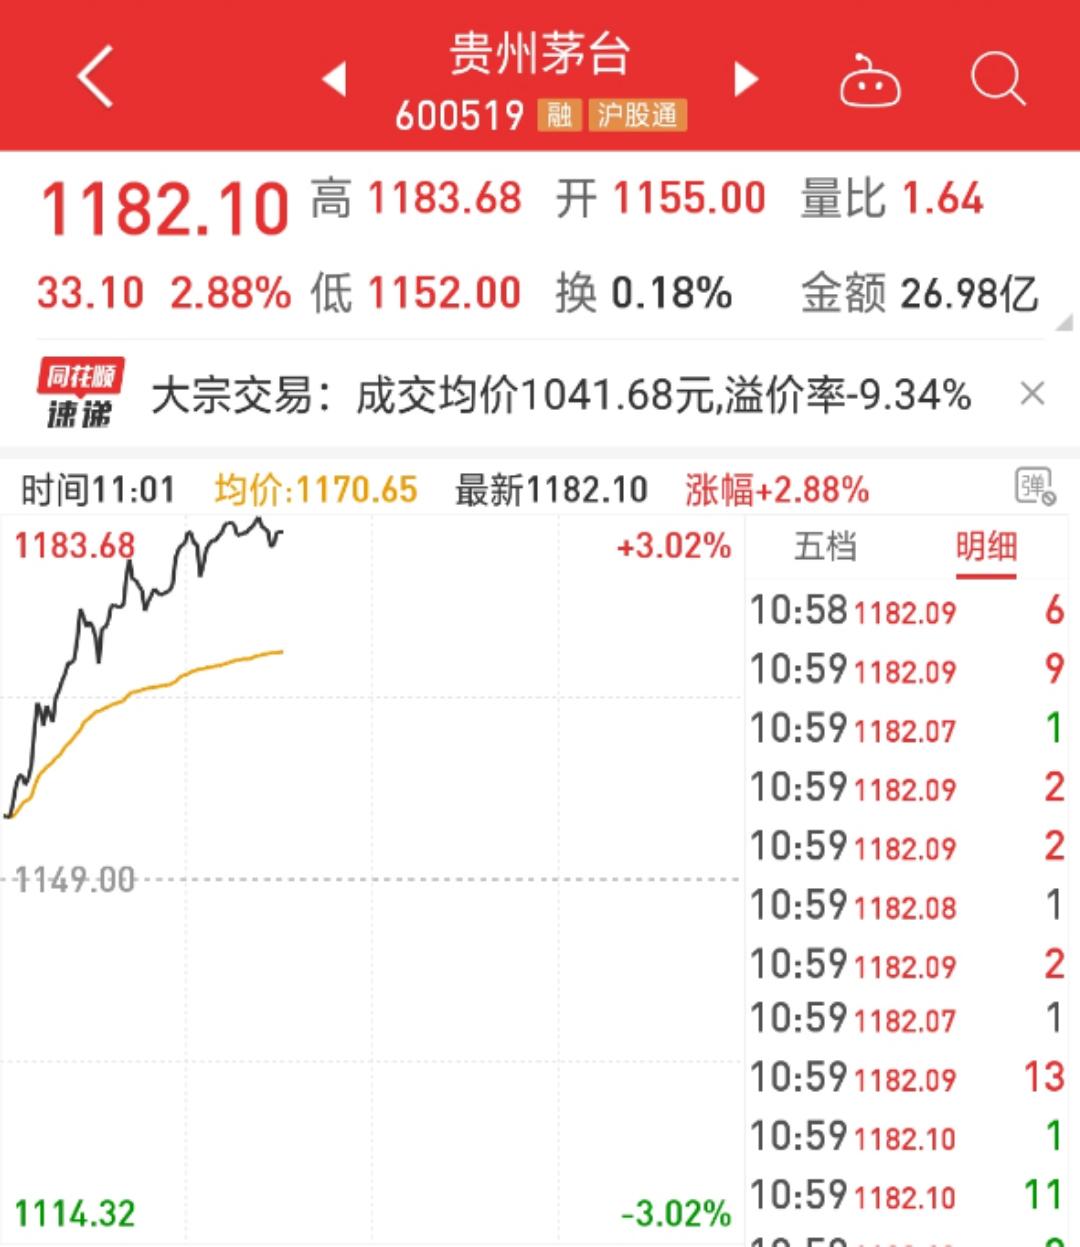 白酒板块高涨4%:贵州茅台1183.68元/股再创新高,金徽酒涨停